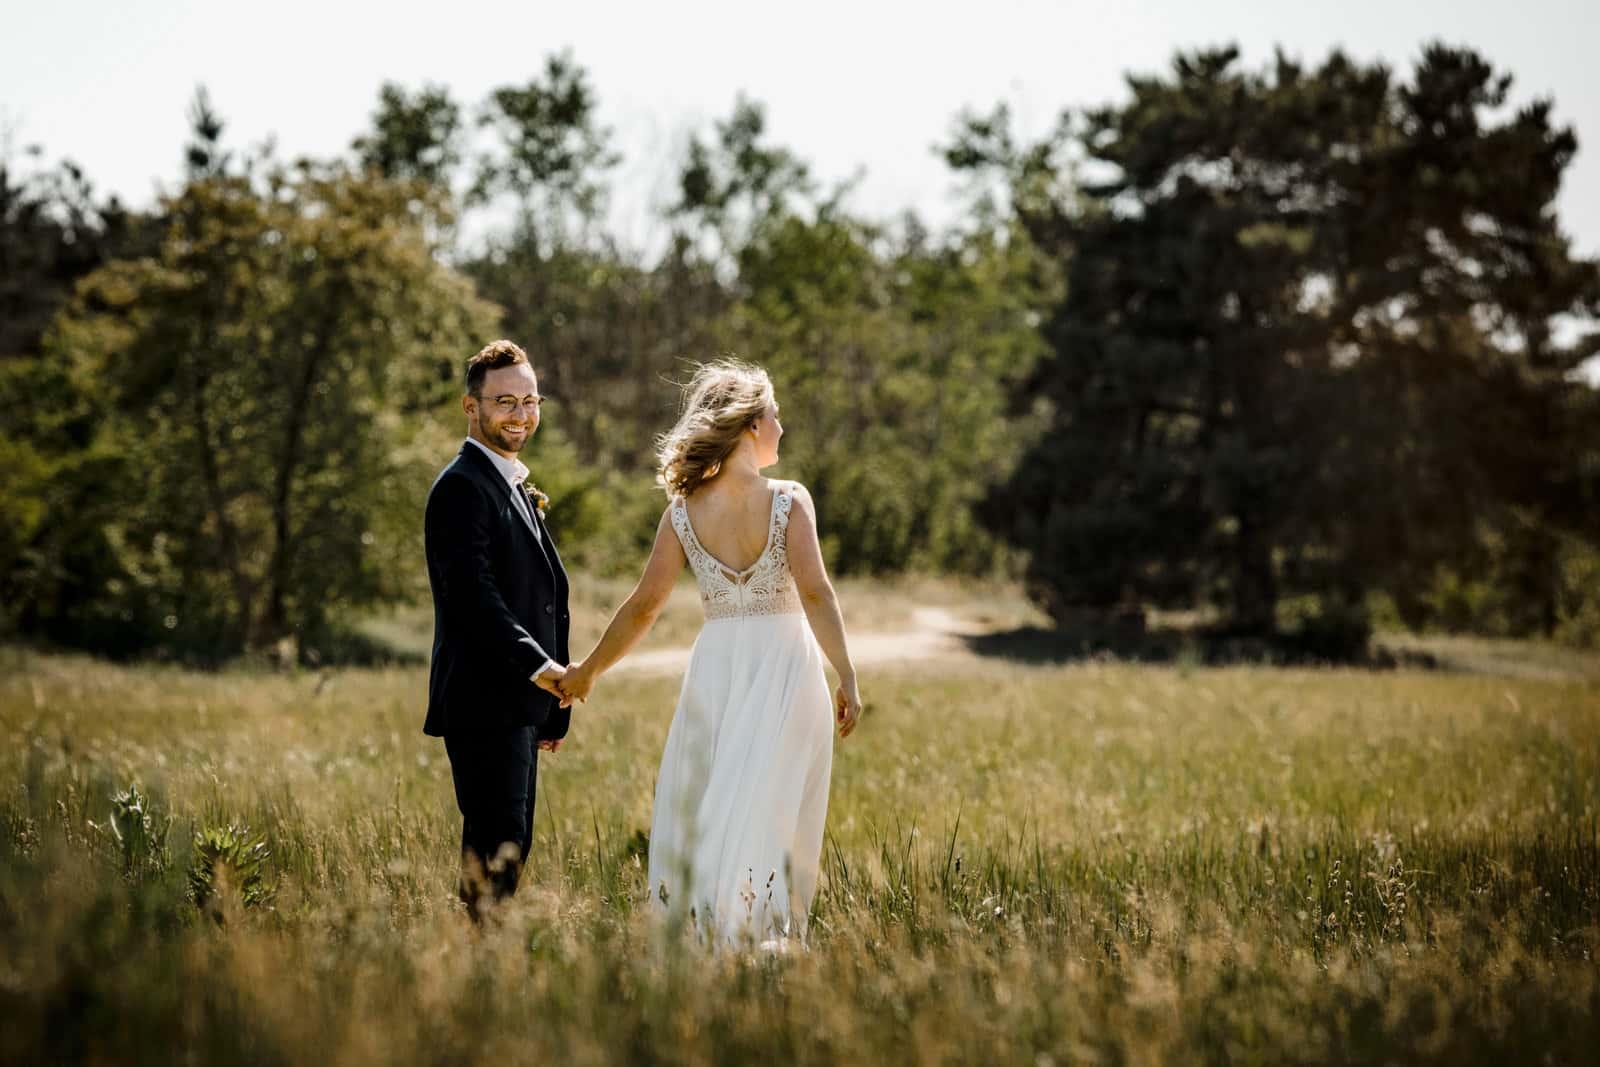 Braut und Bräutigam stehen auf Wiese und halten Hand und Bräutigam lacht in Kamera